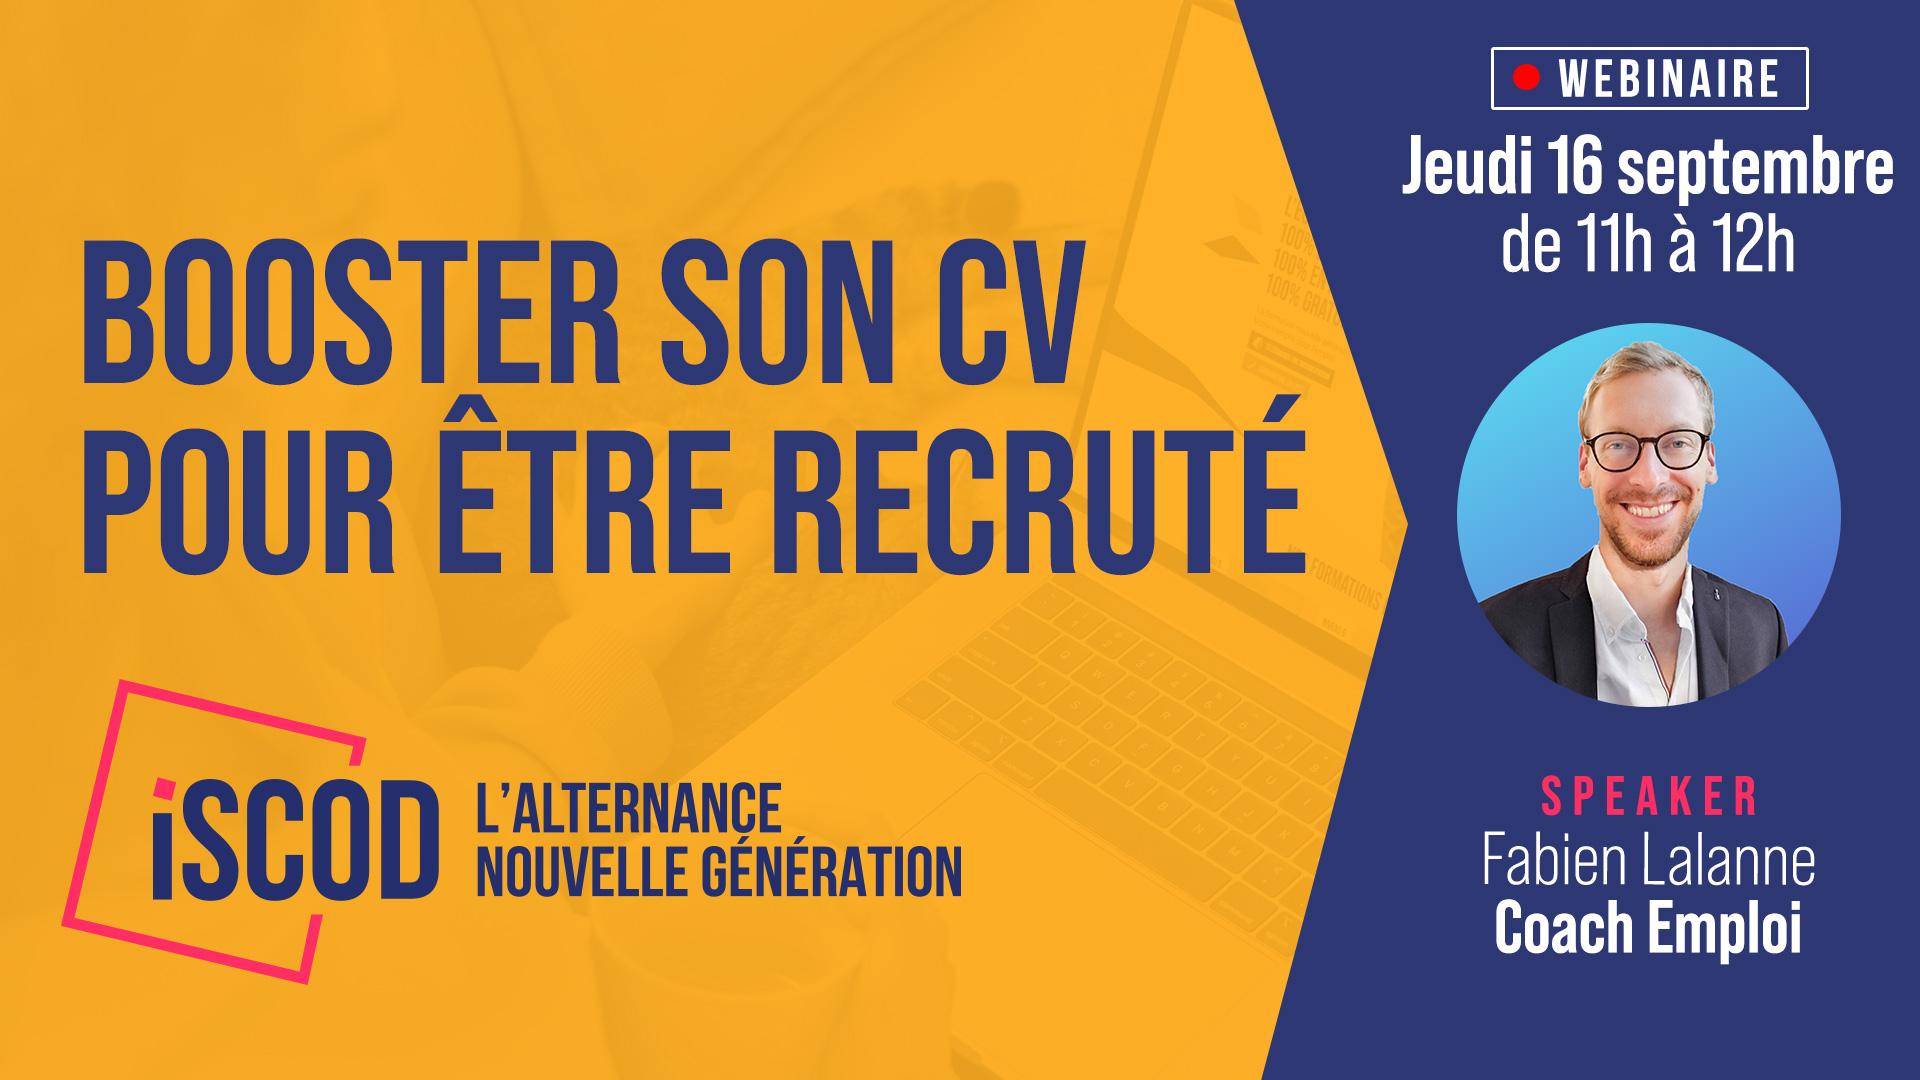 Booster son CV pour être recruté(e) !